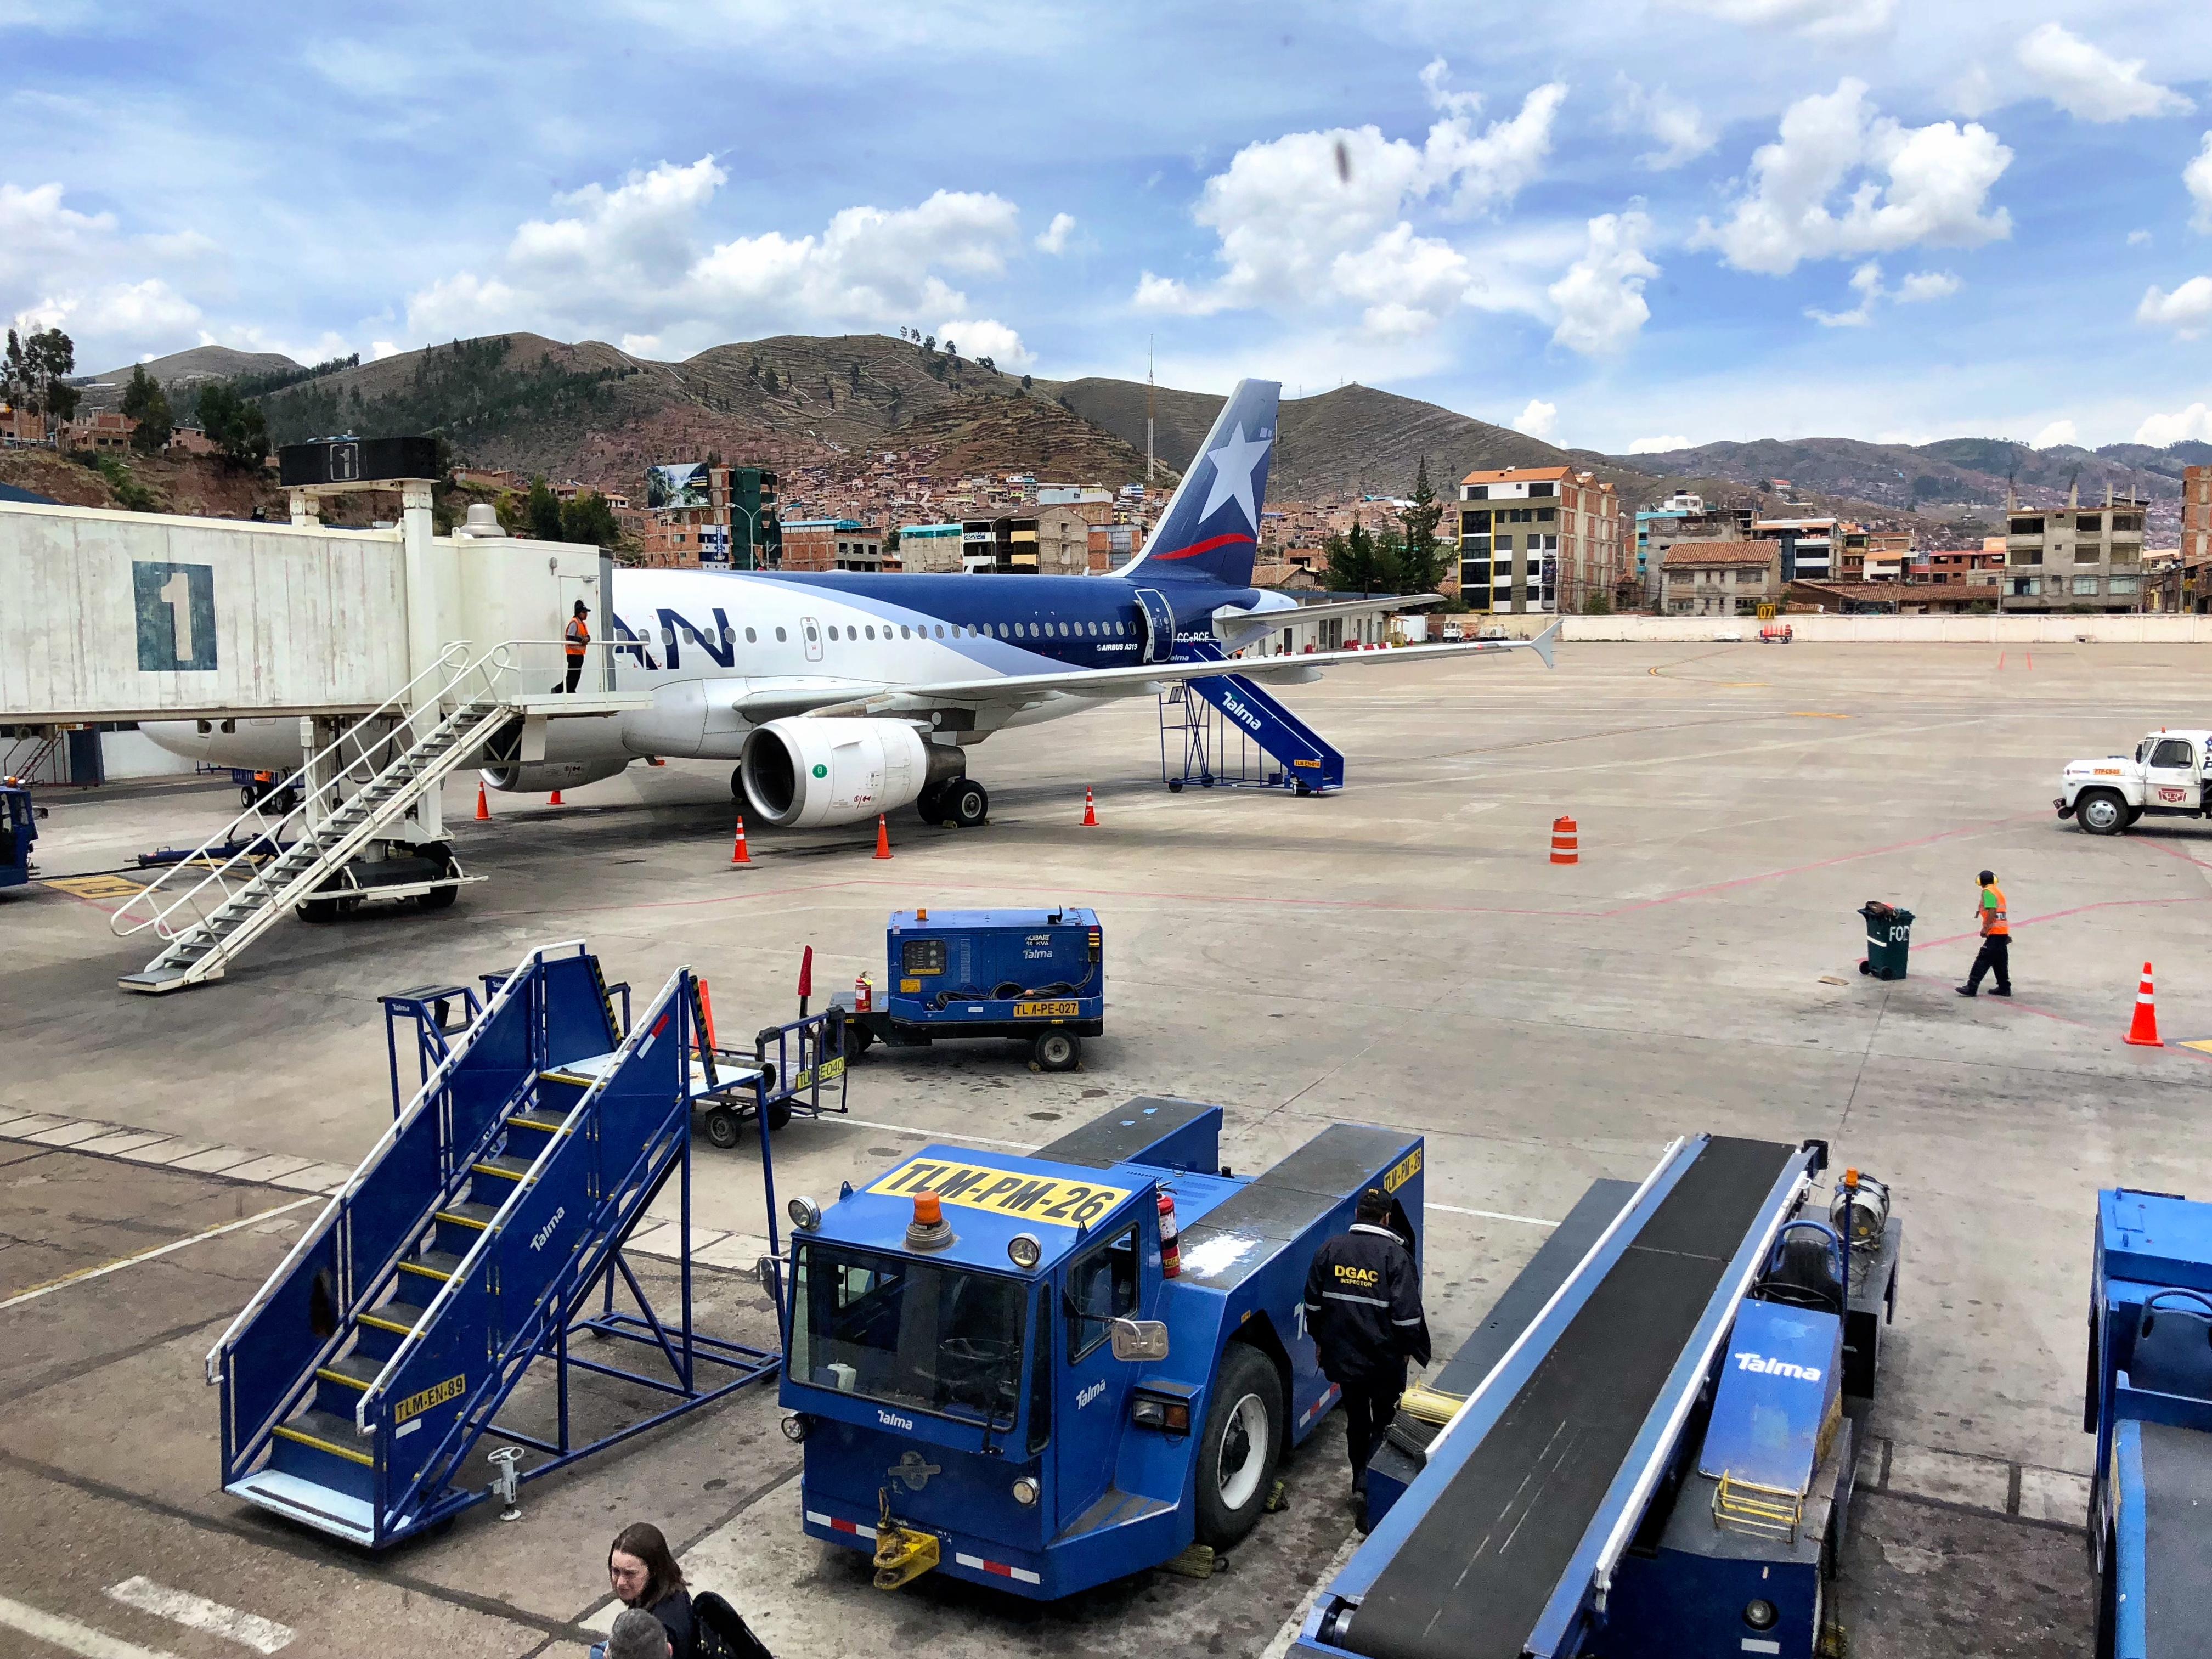 Airport in Cusco, Peru